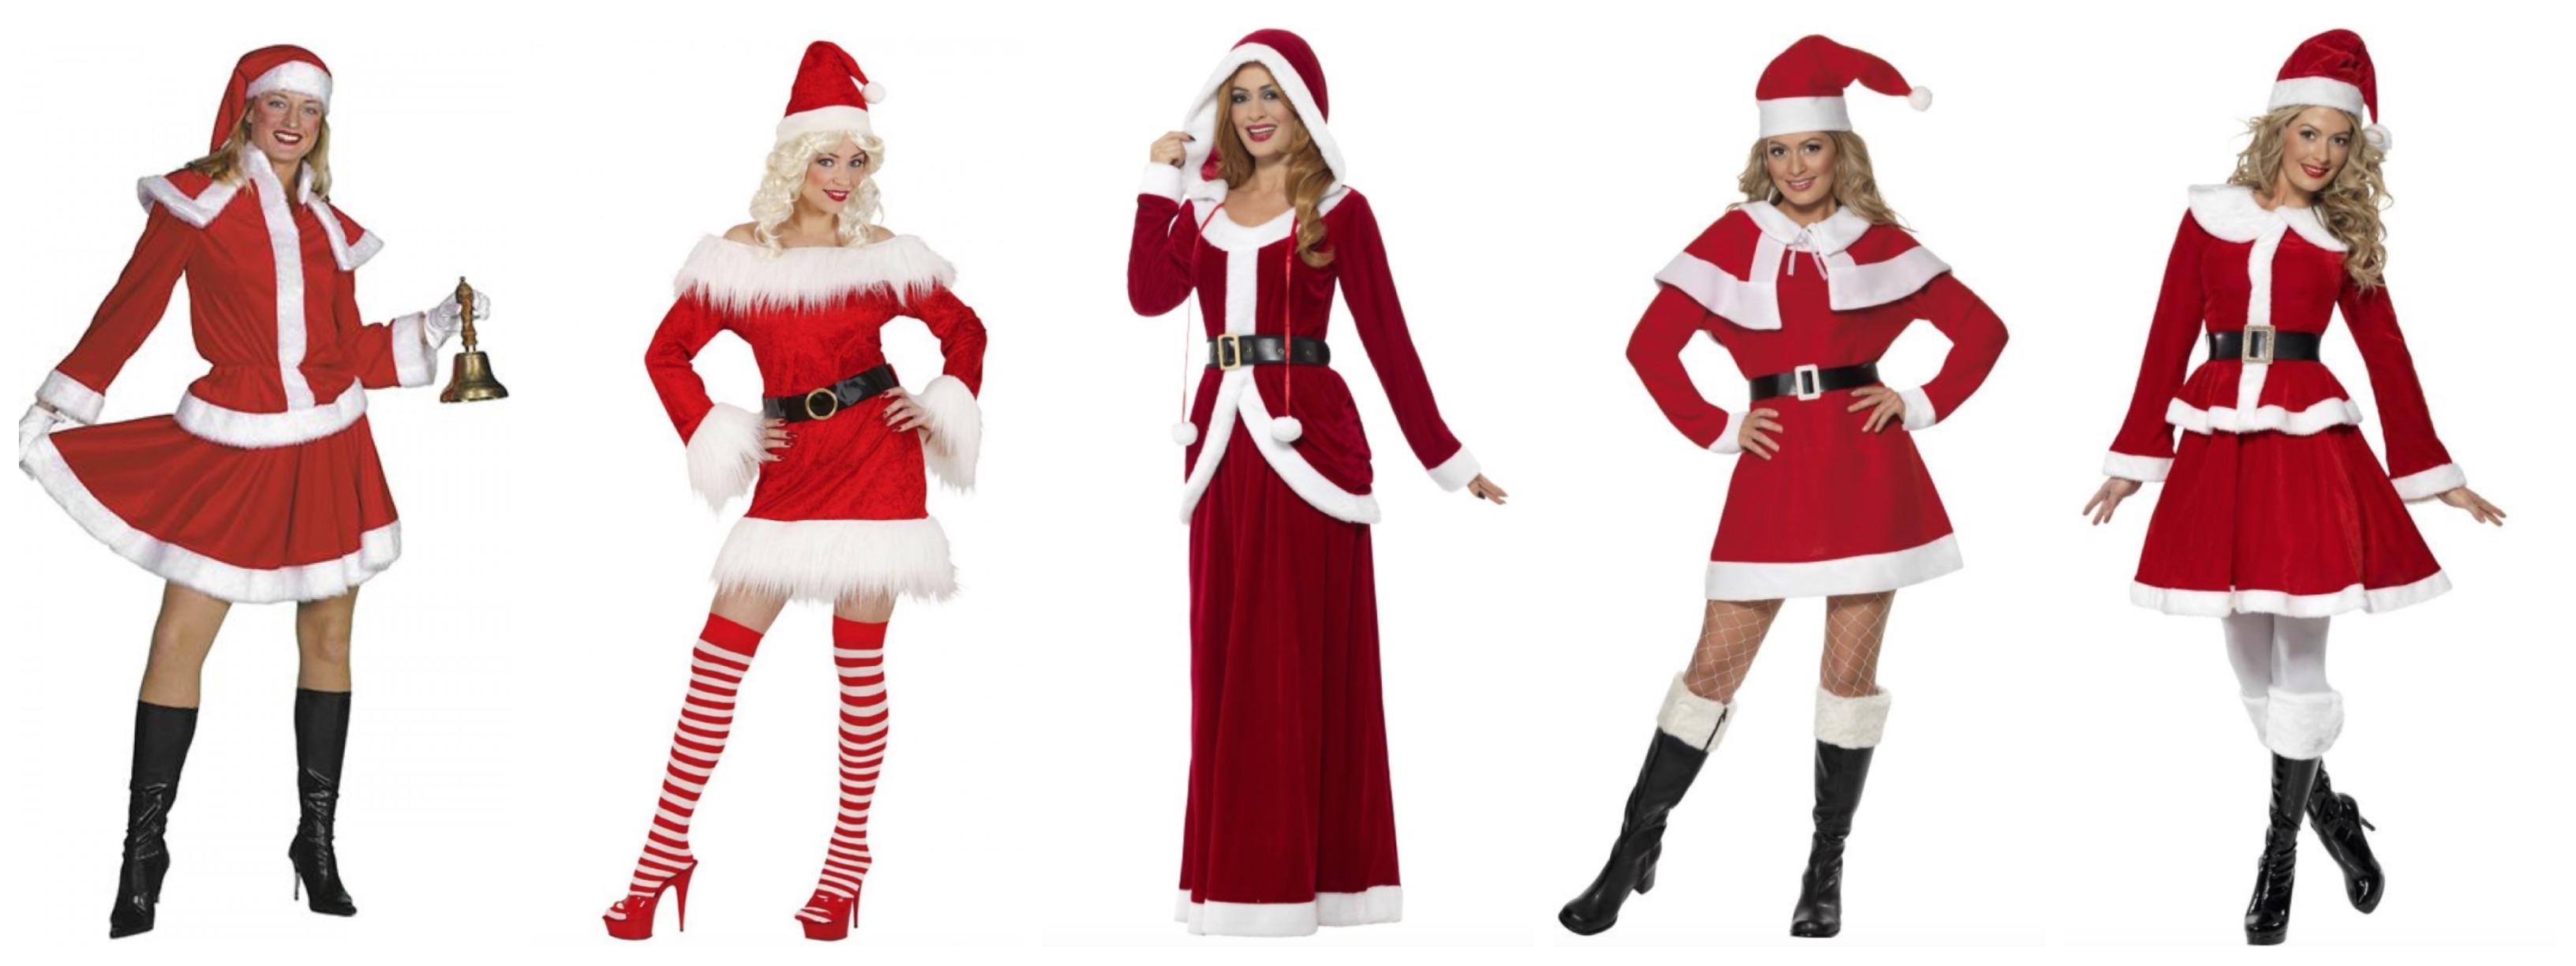 Julemandens kone kostume til voksne - Julemands kone kostume til voksne